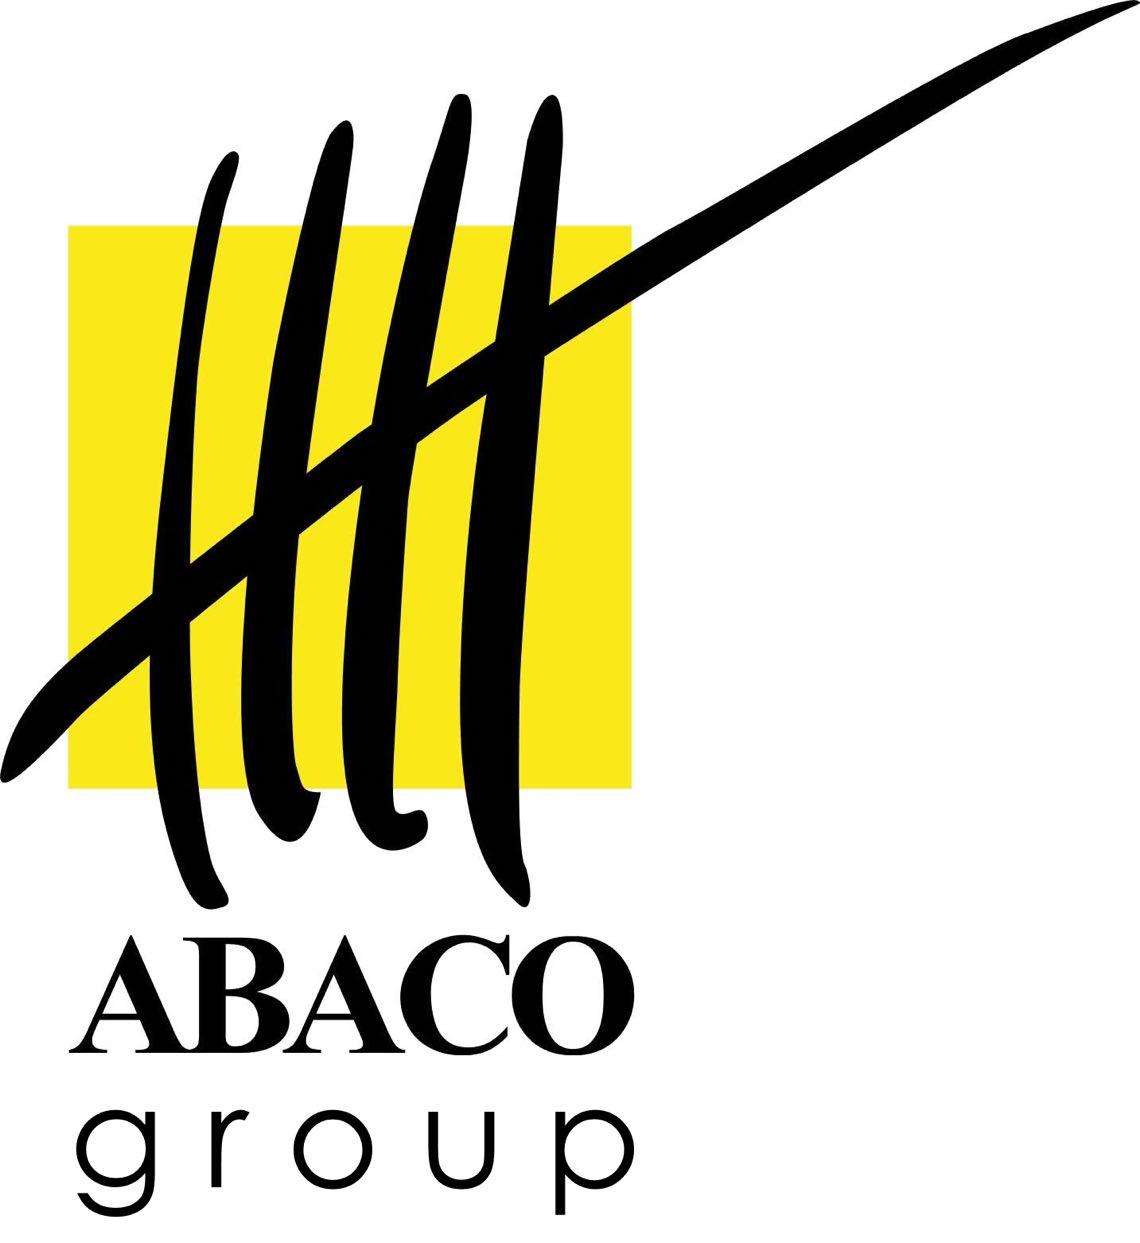 logo_abacogroup